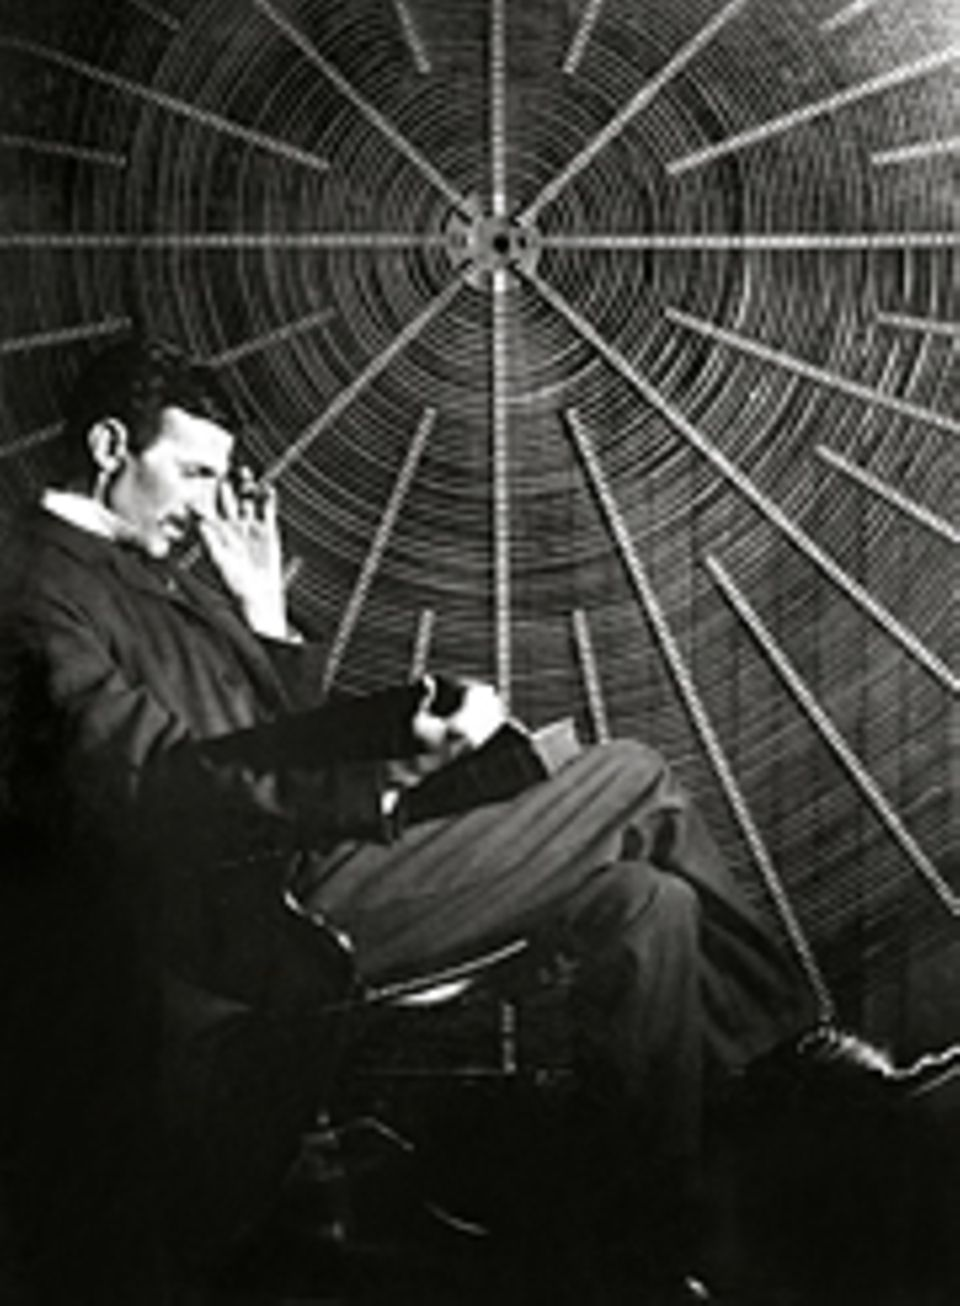 Erfinder: Nach seinem Bruch mit Edison arbeitet Tesla - hier in den 1890er Jahren in seinem Labor - für den Industriellen George Westinghouse, der seine Patente kauft und dem Wechselstrom zum Durchbruch verhilft